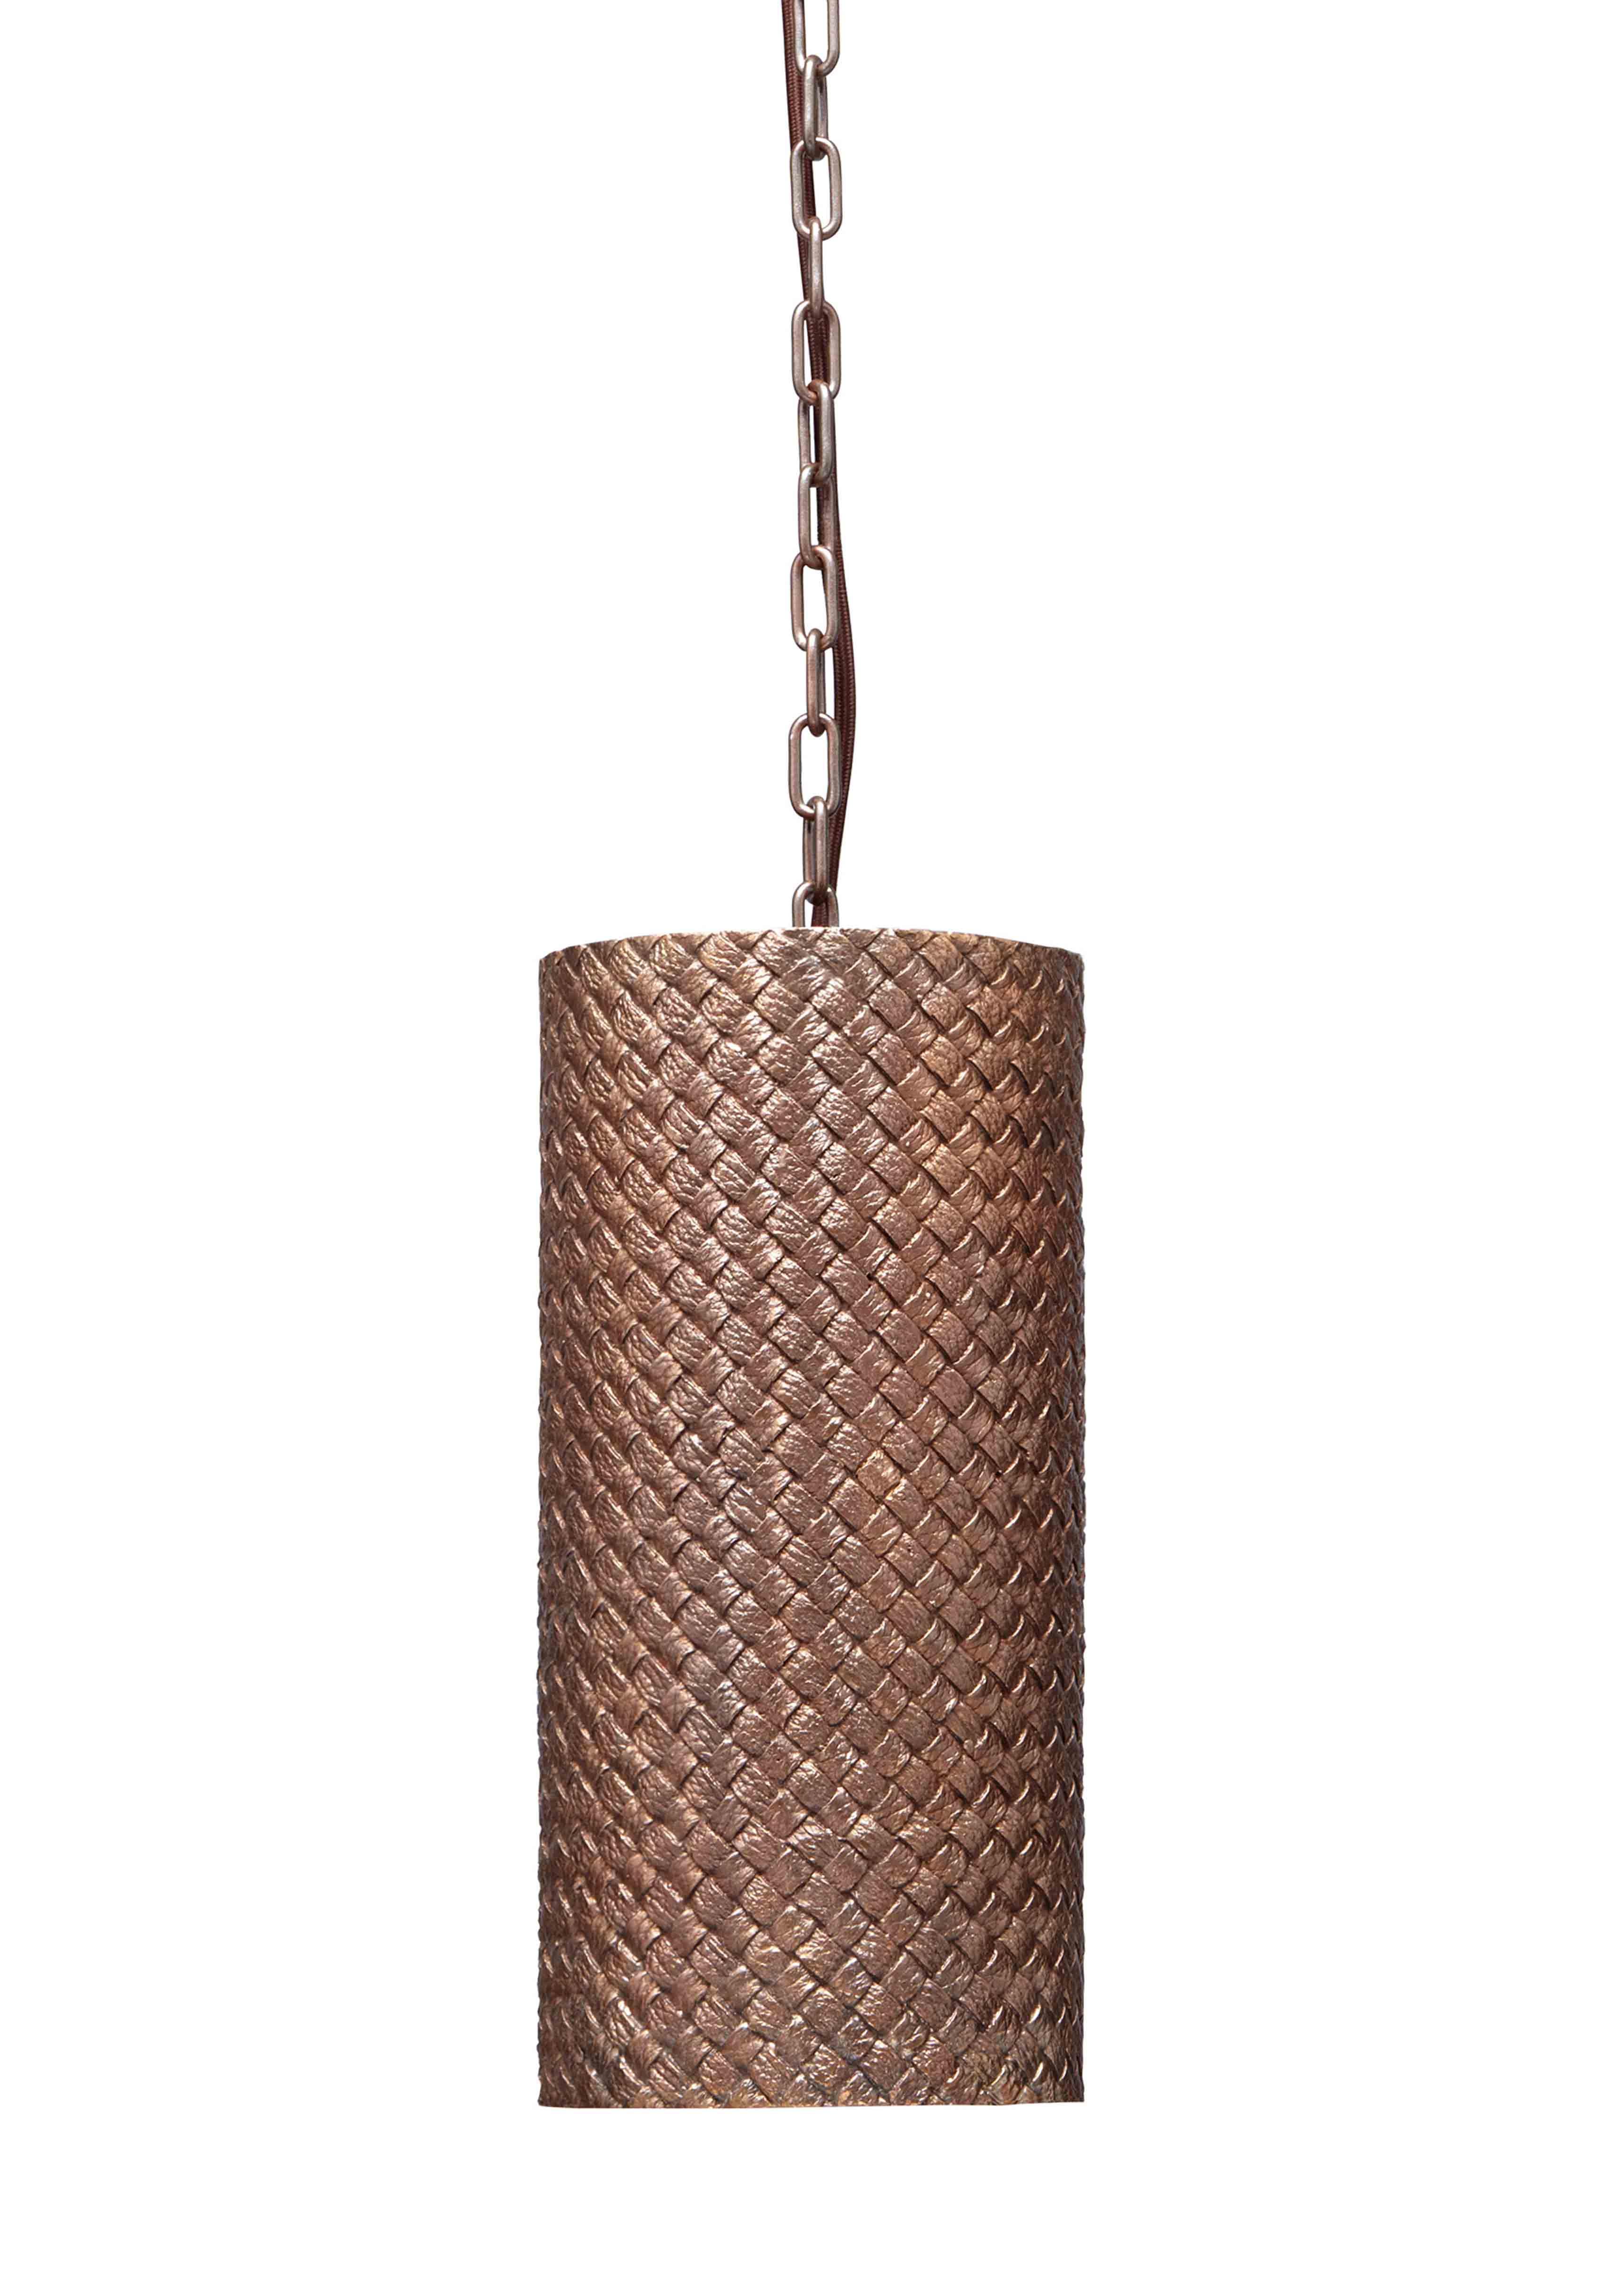 Suspension OVM en bronze naturel issue de la nouvelle collection Maison de Bottega Veneta, à l'occasion du Salone del Mobile de Milan.